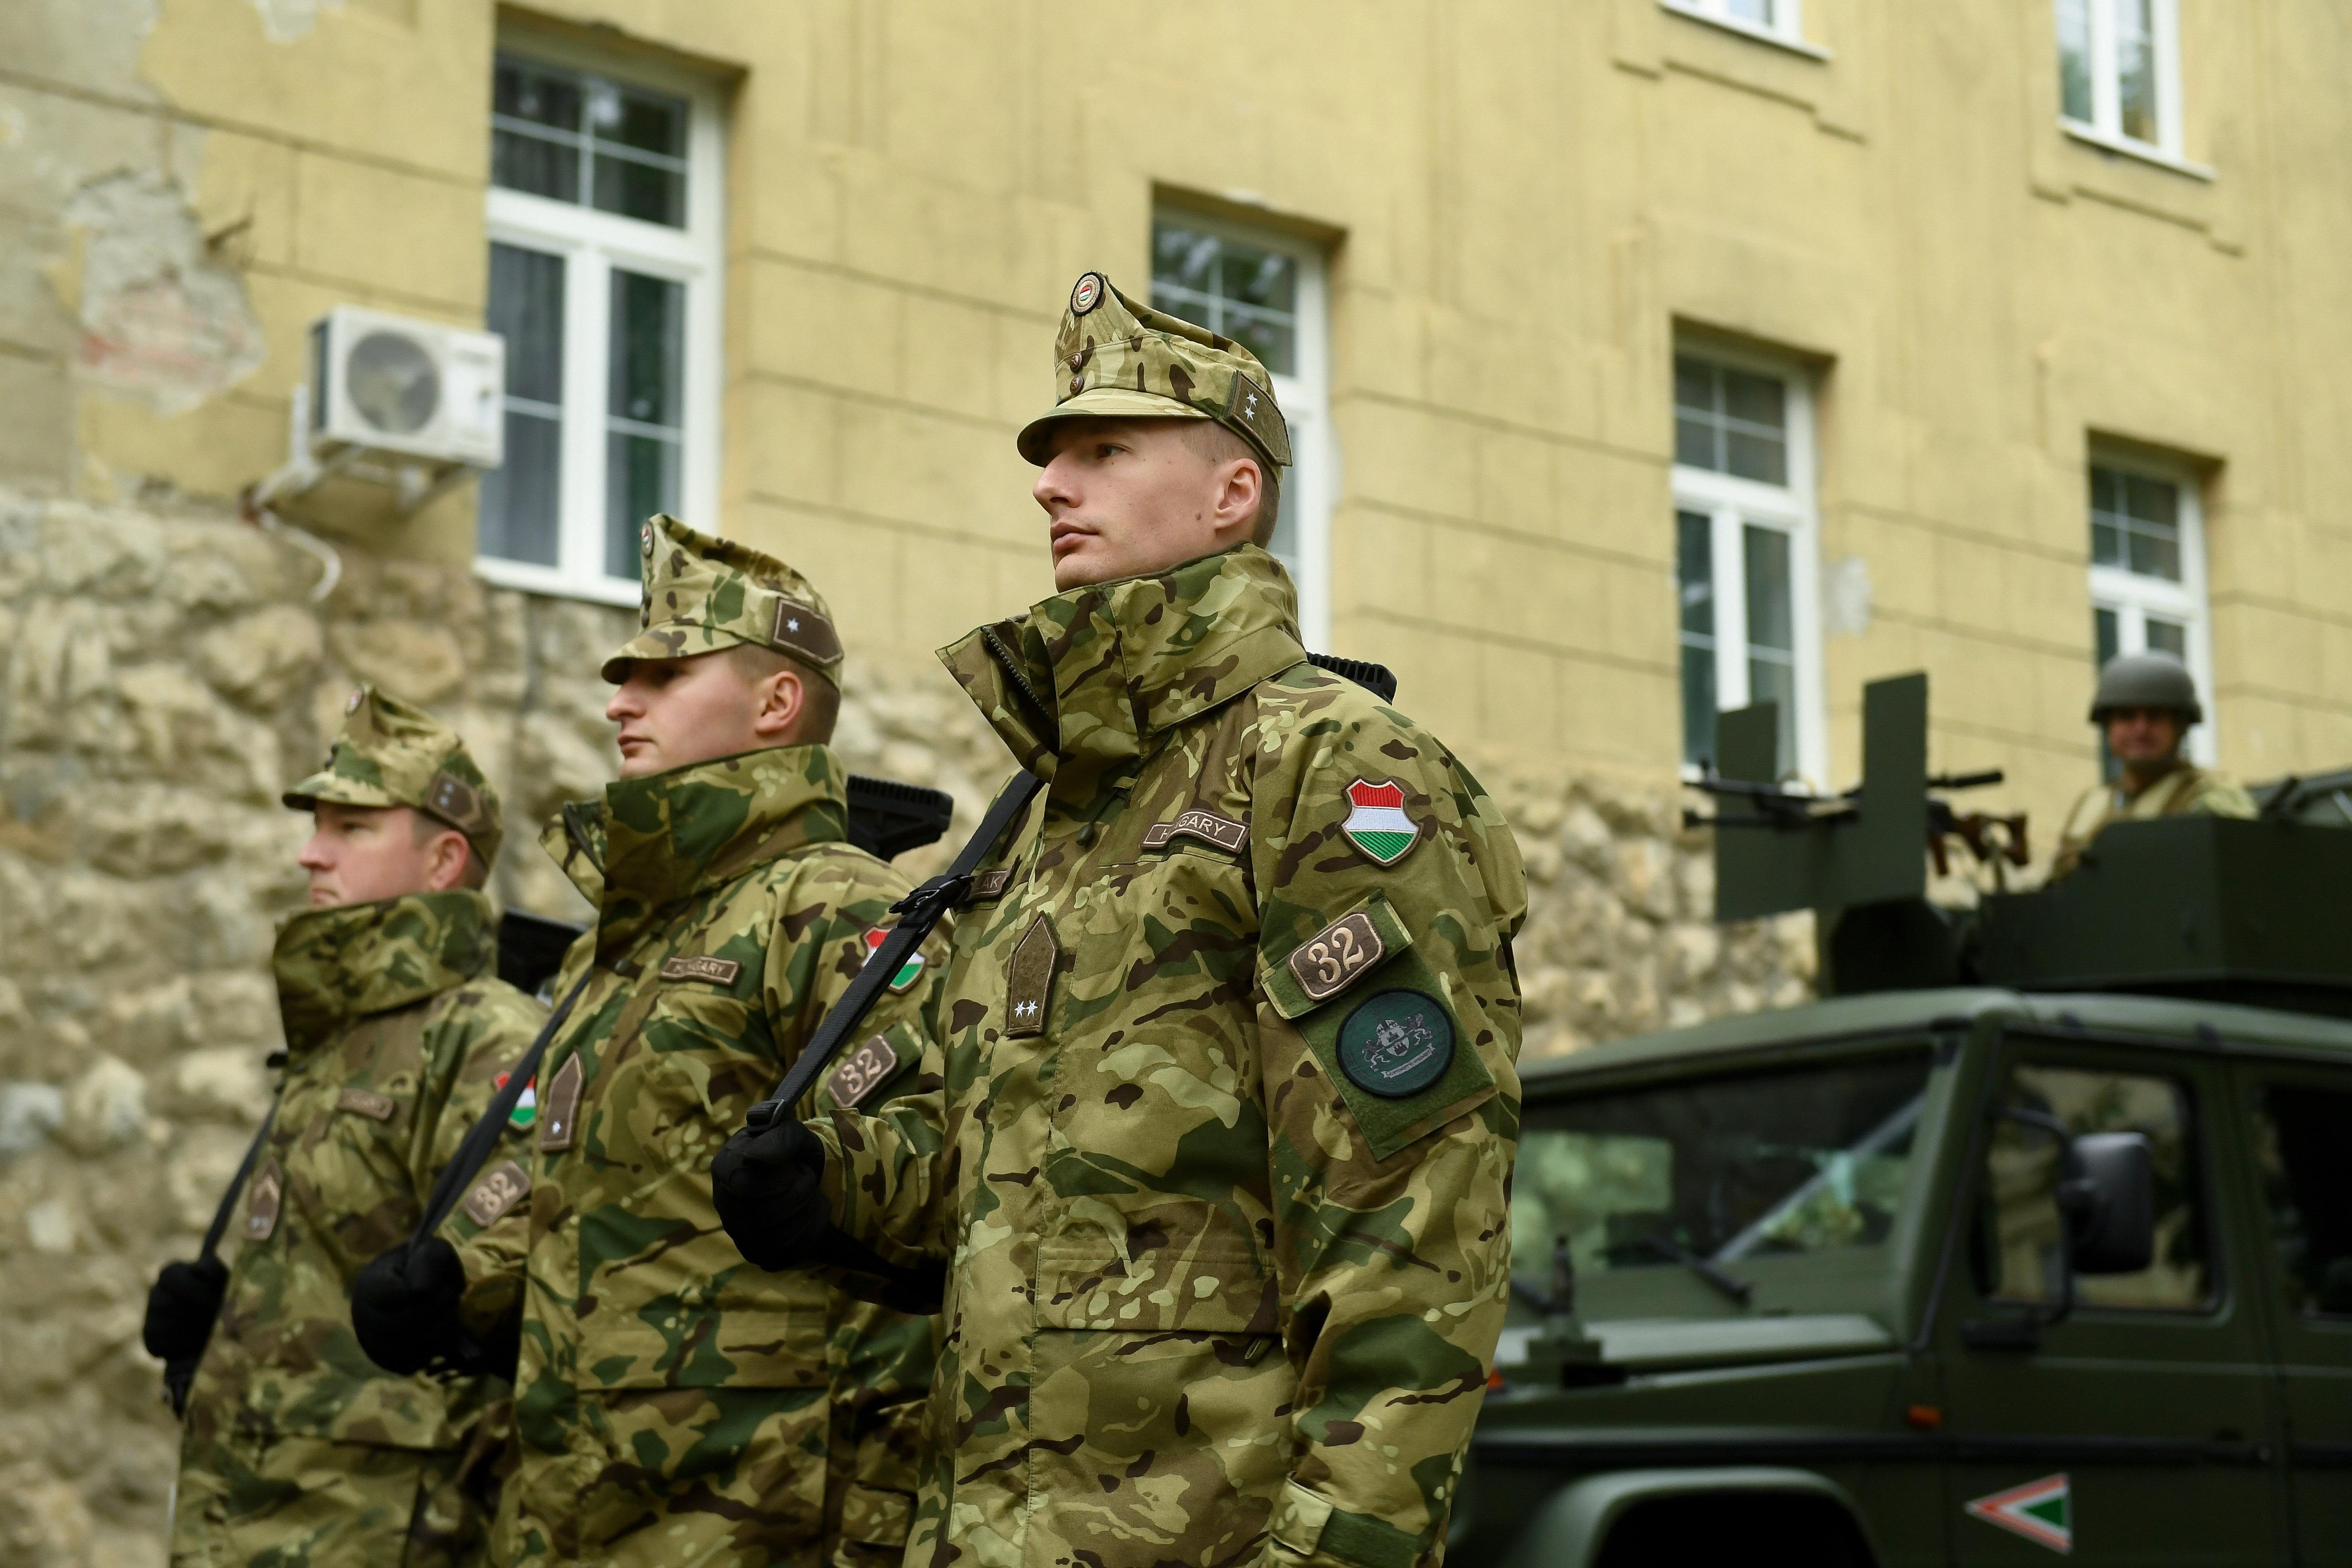 Die ungarische Armee plant Eröffnung neuer Ausbildungsschulen post's picture